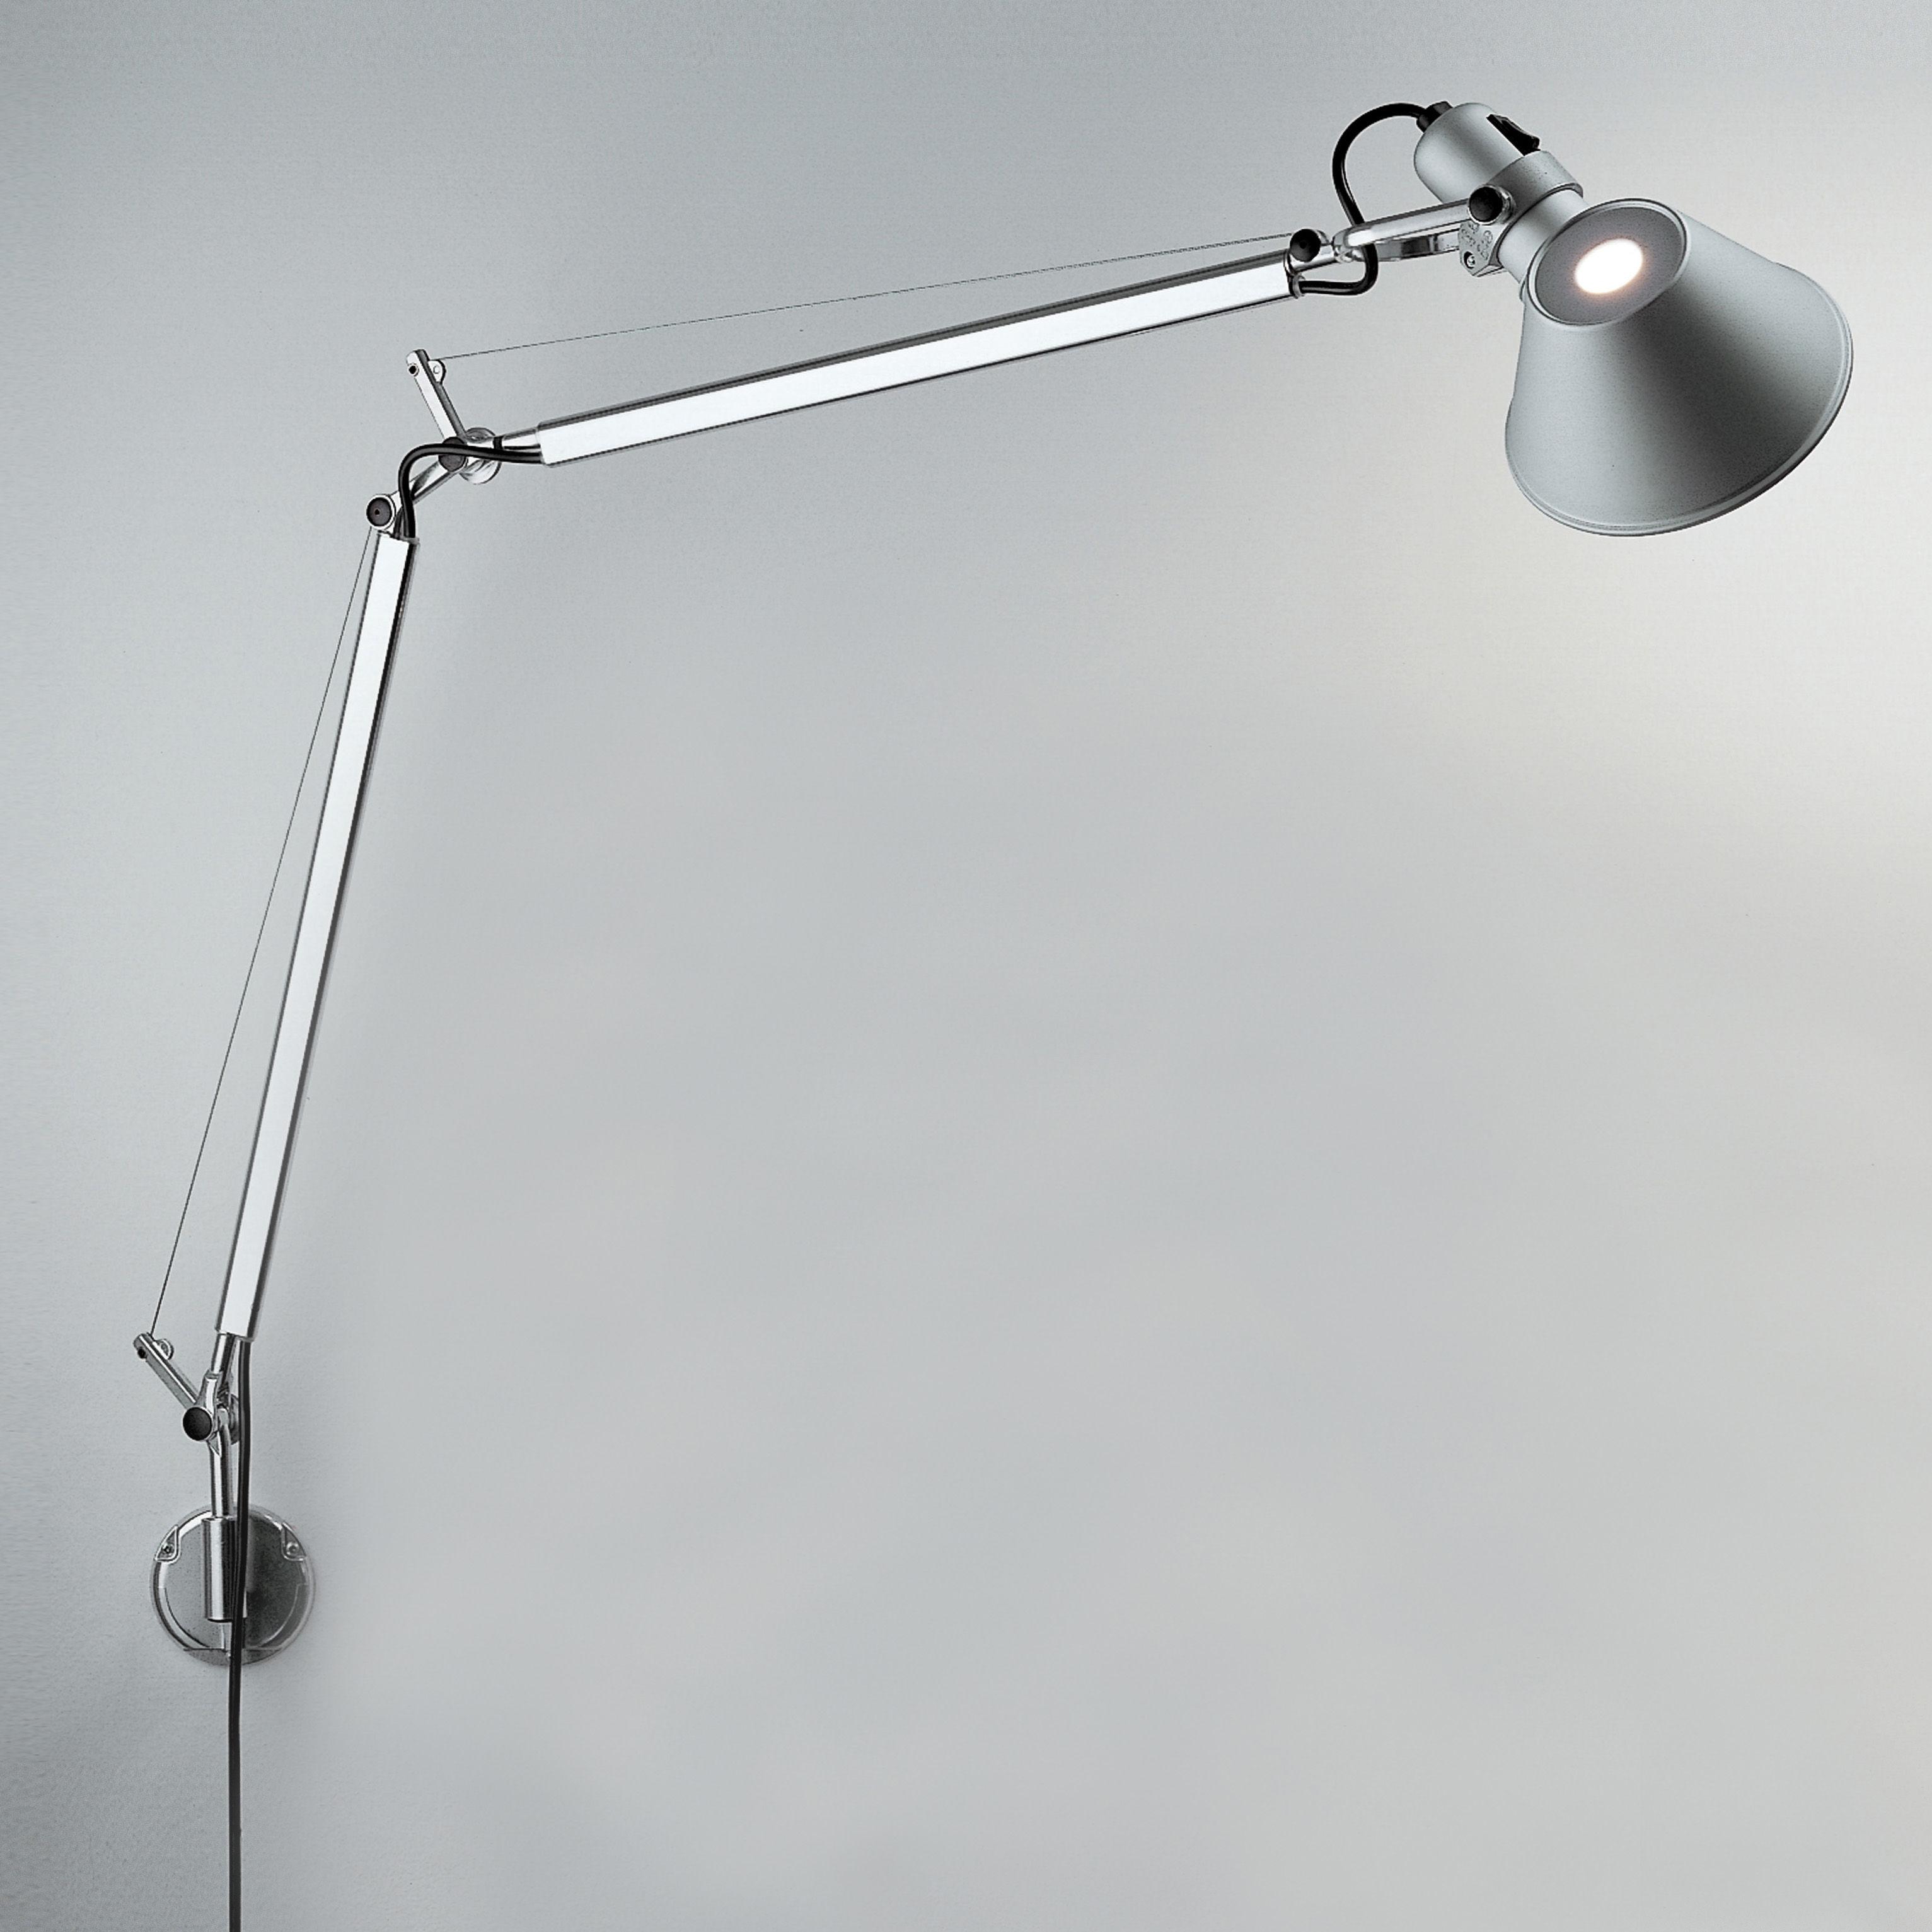 Illuminazione - Lampade da parete - Applique Tolomeo Wall LED - LED - Braccio snodato di Artemide - LED - Alluminio - Alluminio